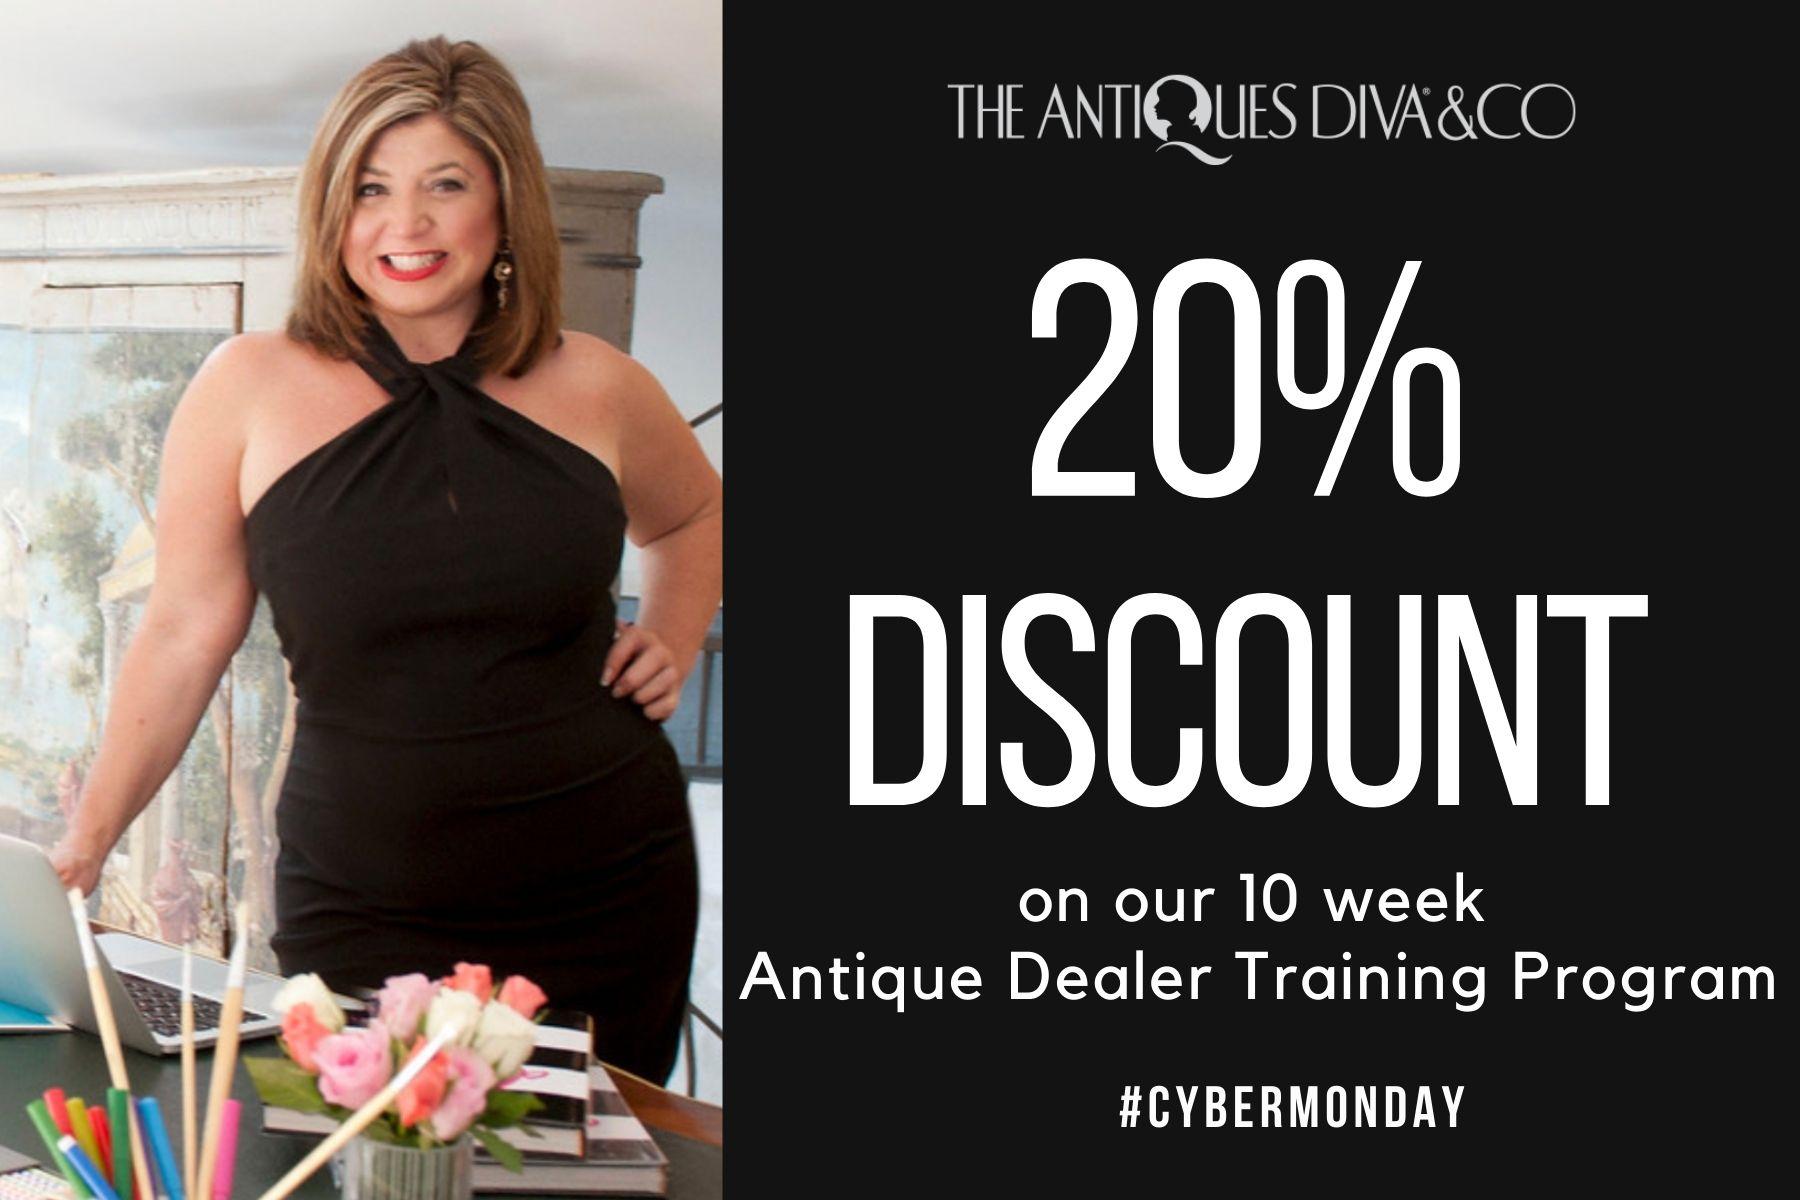 Antiques Diva Cyber Monday sale